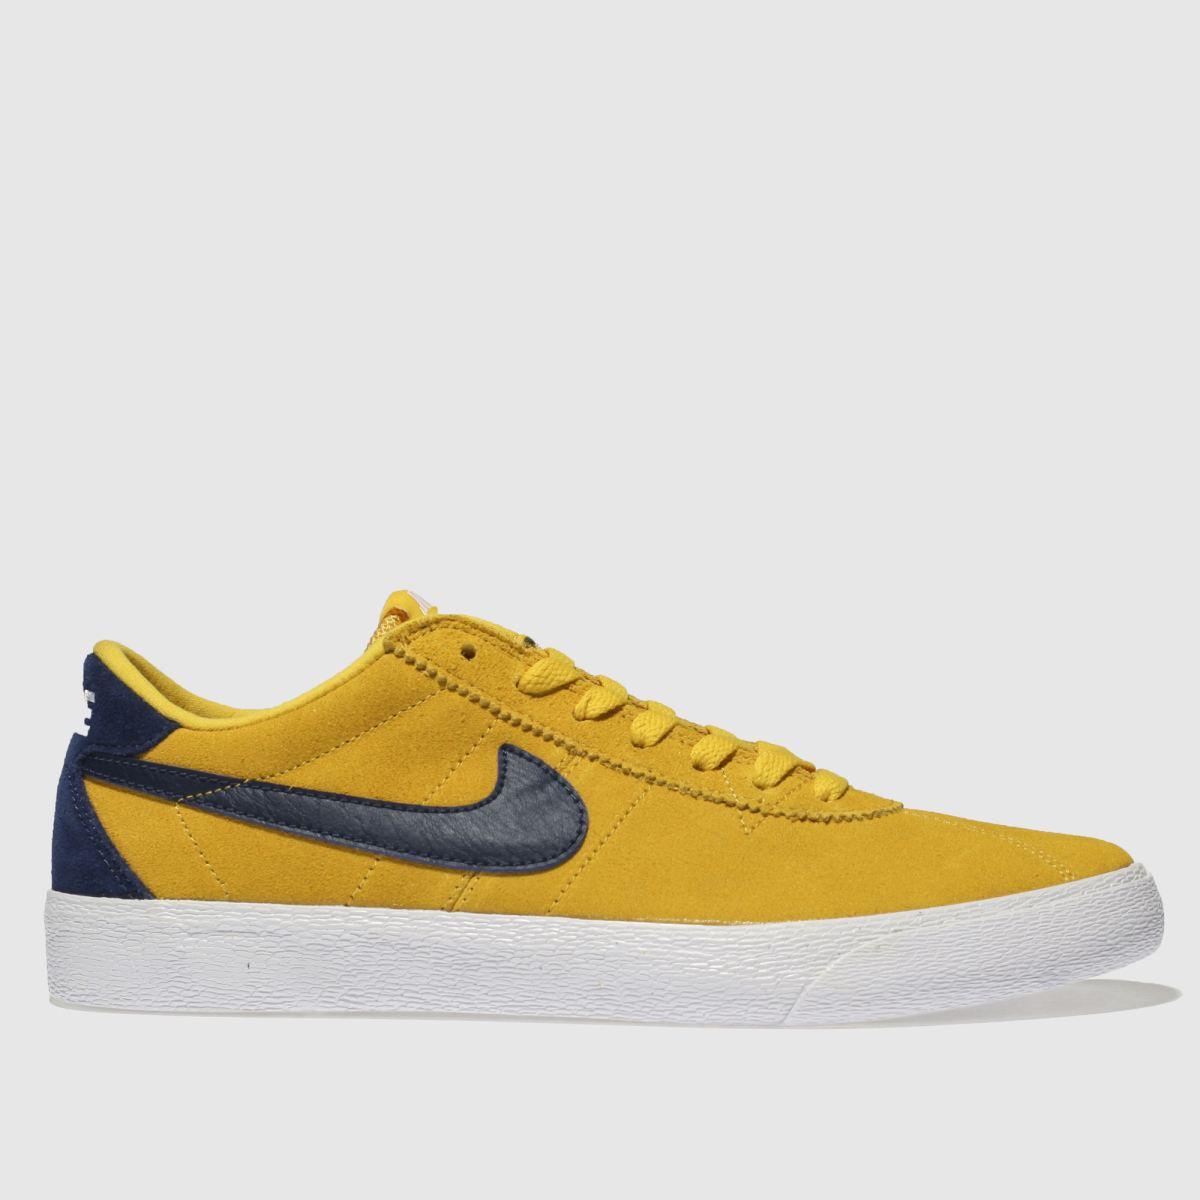 Nike SB Nike Sb Yellow Bruin Low Trainers